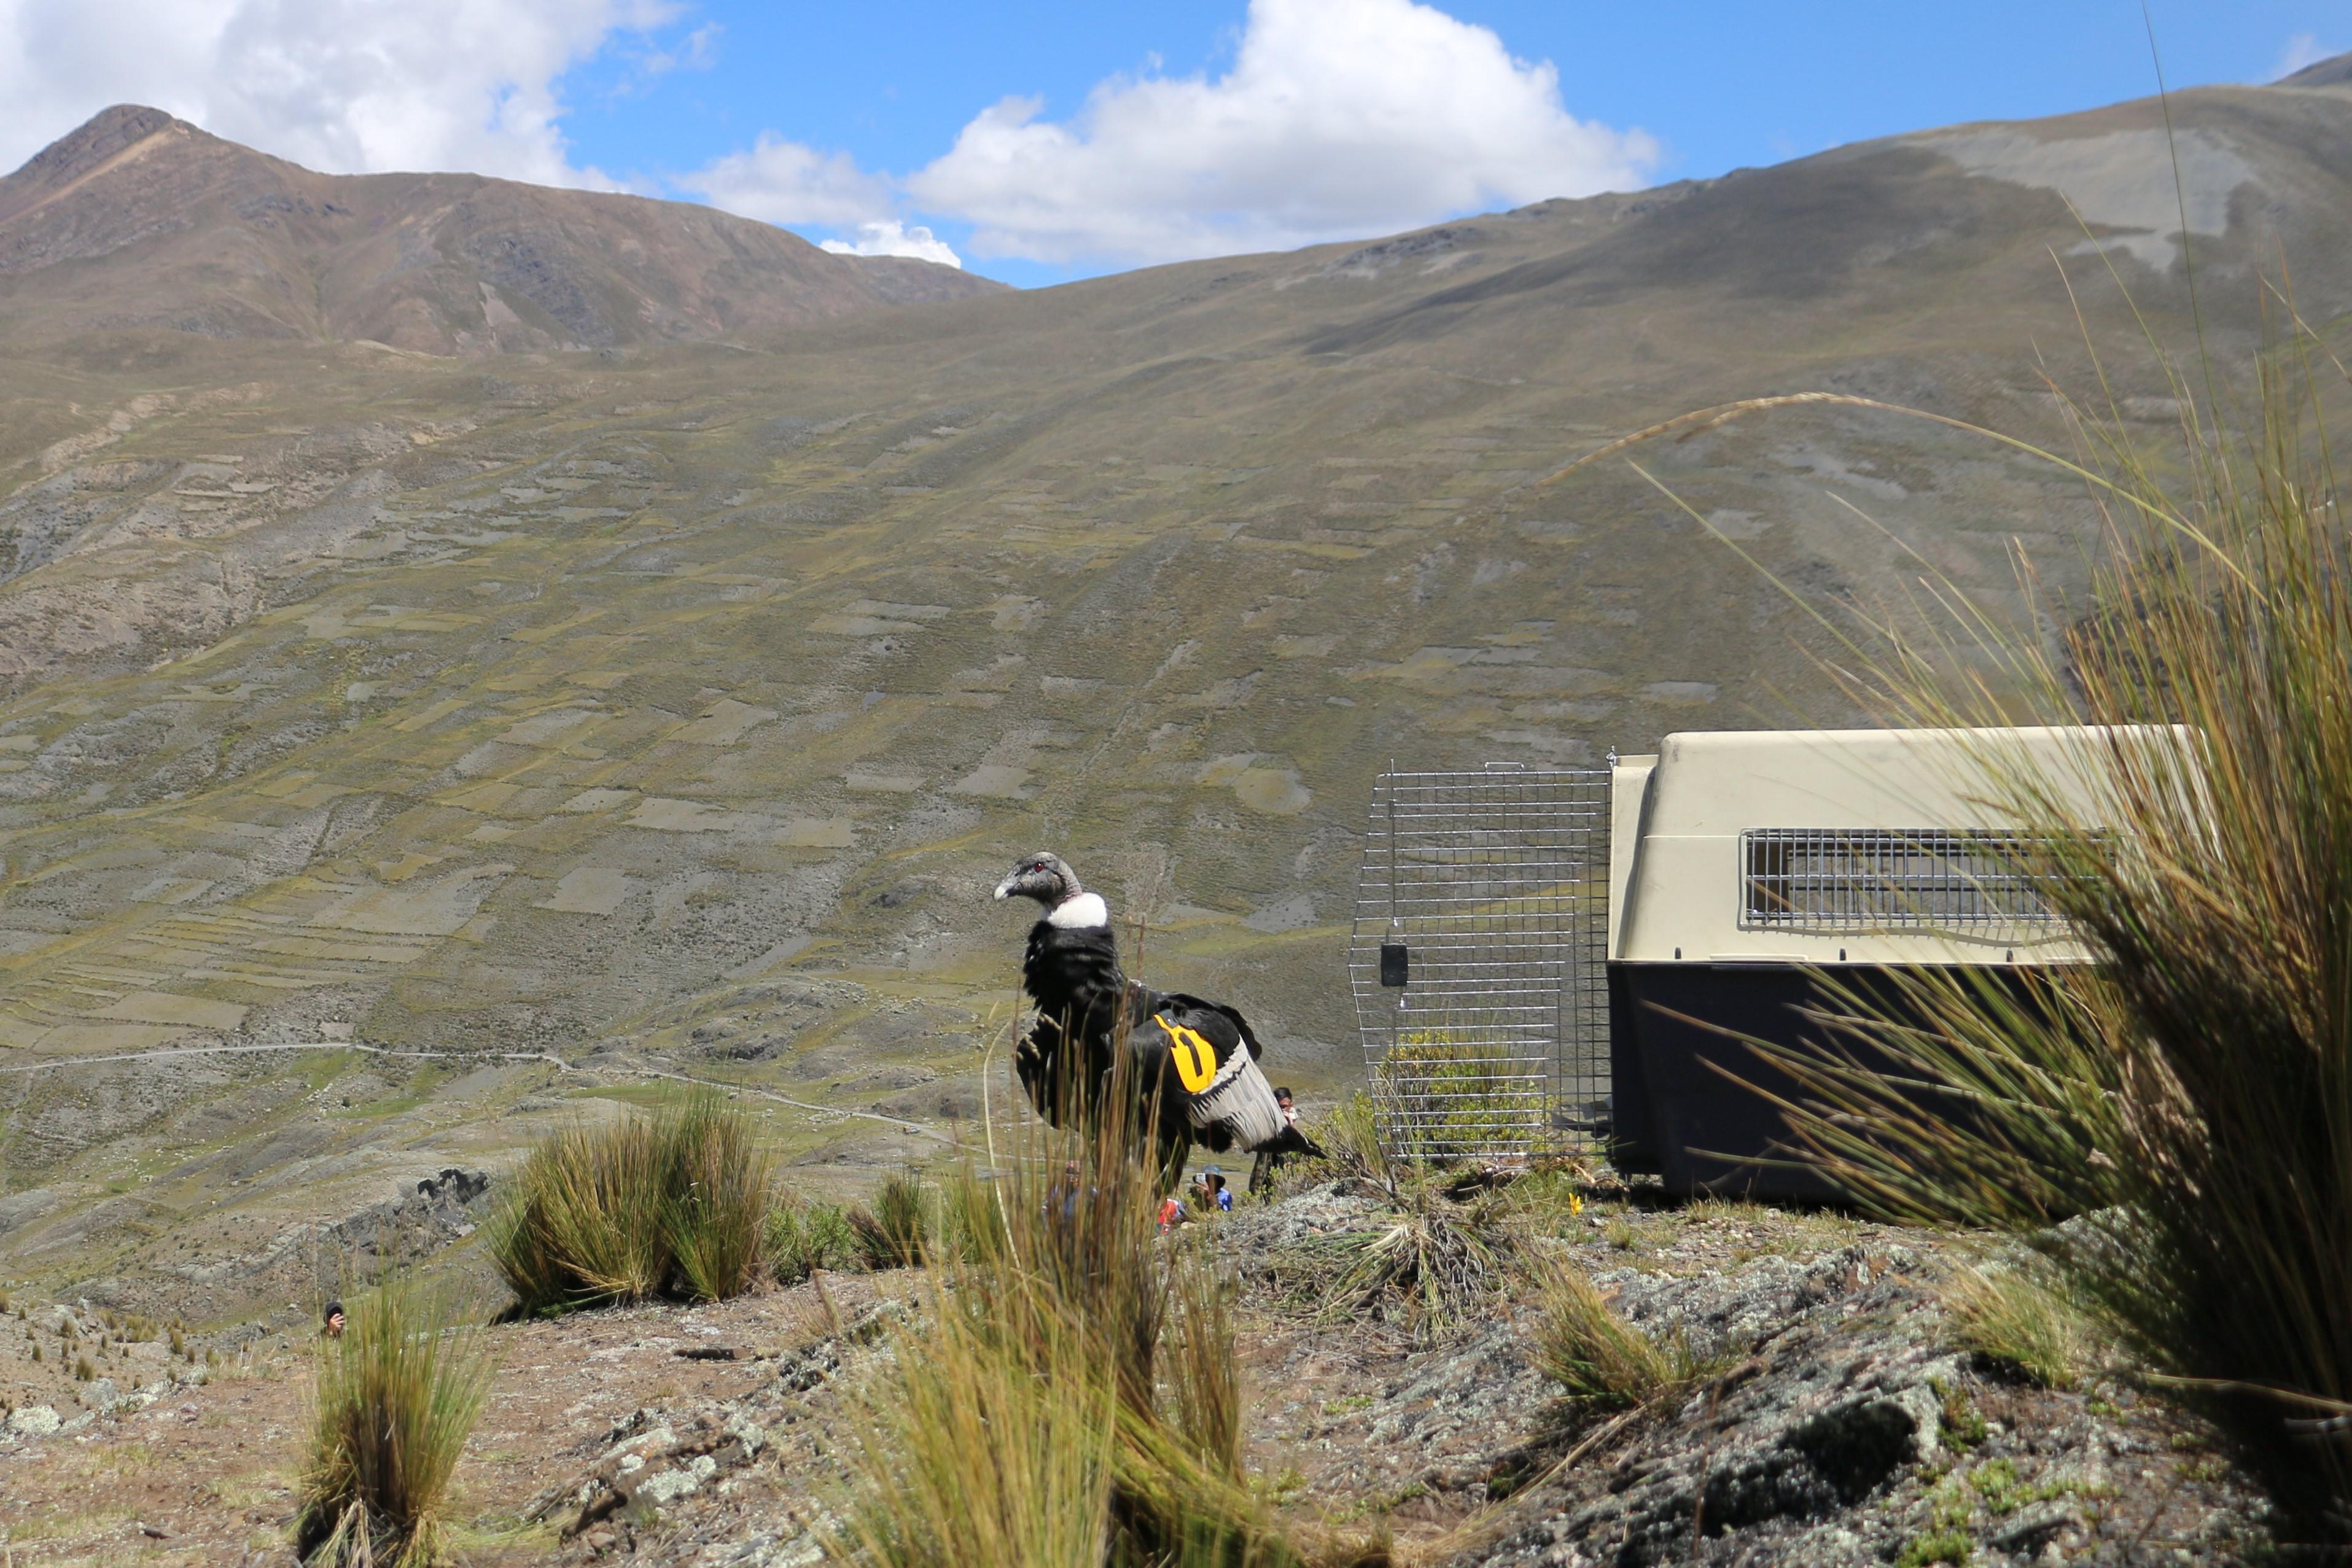 Luego de permaneces unos minutos observando el paisaje, la cóndor Palca se lanzó a volar. Foto: Isabel Gómez.